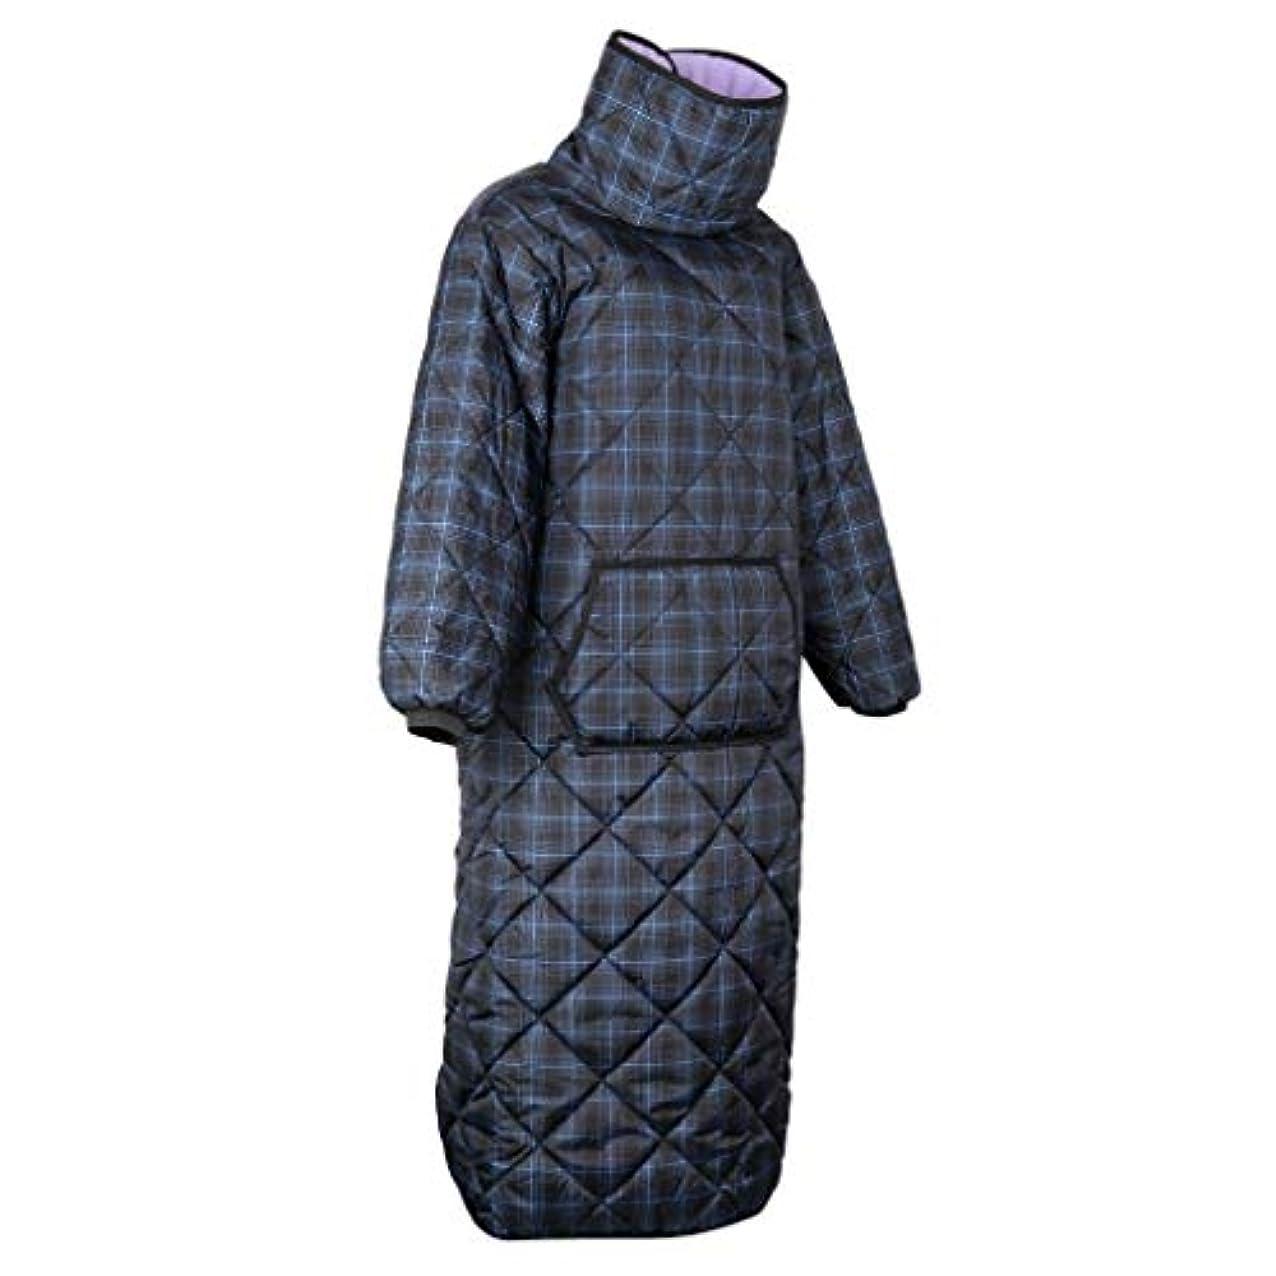 処理に対して動力学D DOLITY 冬暖かい 防風服 コート マット パッド サーマルキルト アウトドア布団 全3サイズ